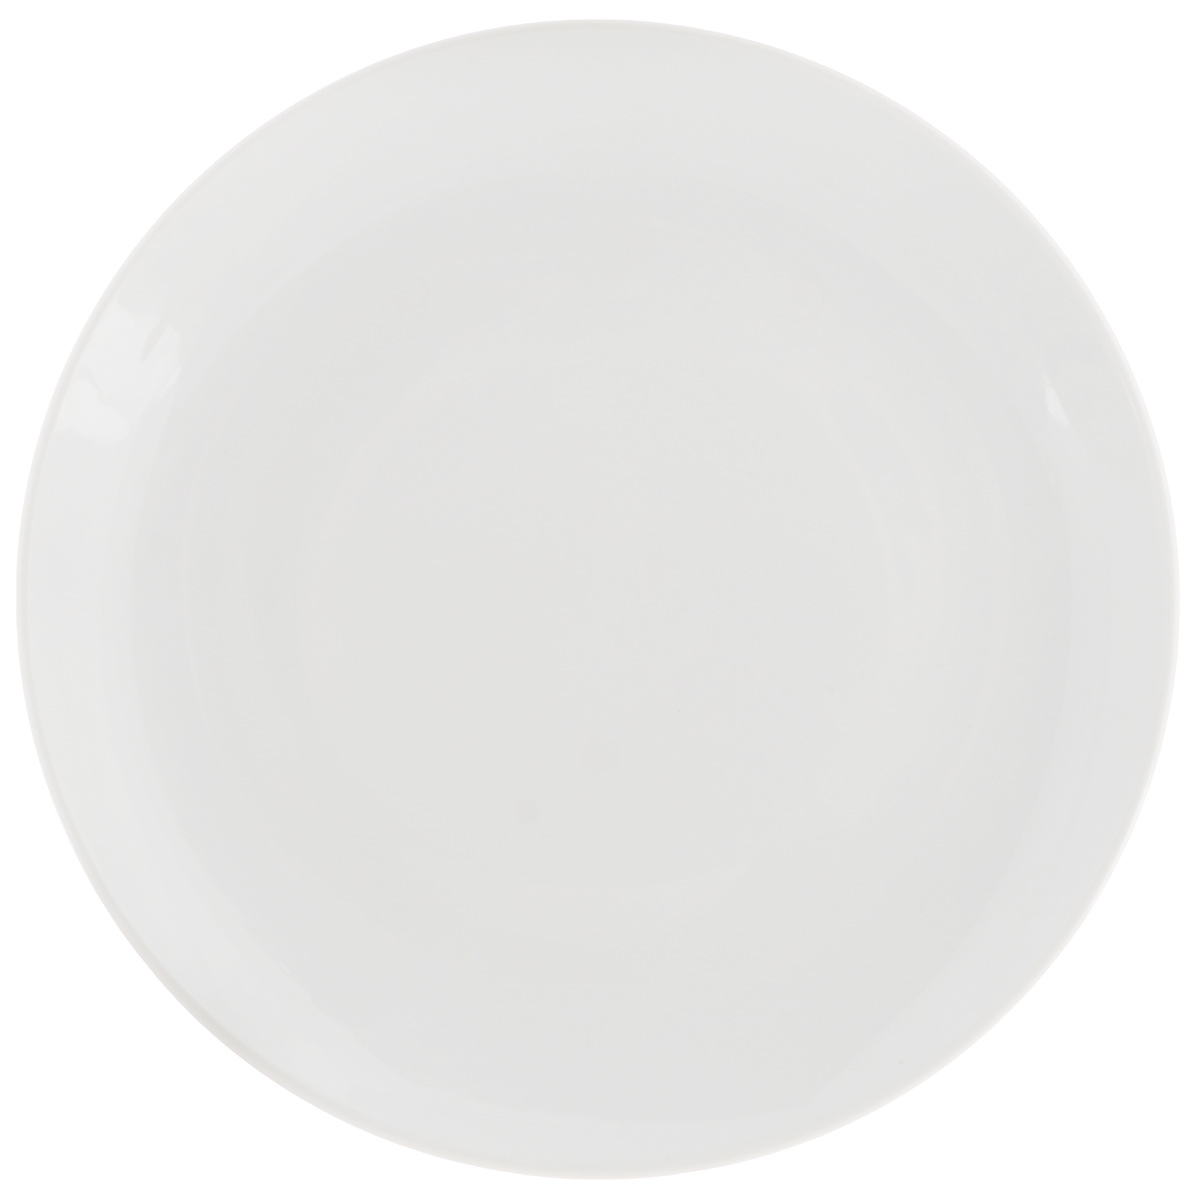 """Десертная тарелка """"Фарфор Вербилок"""",  изготовленная из  фарфора.  Такая тарелка прекрасно подходит как для  торжественных случаев, так и для повседневного  использования.  Идеальна для подачи десертов, пирожных, тортов и  многого другого. Она прекрасно оформит стол и  станет  отличным дополнением к вашей коллекции  кухонной  посуды.  Диаметр тарелки (по верхнему краю): 19 см."""